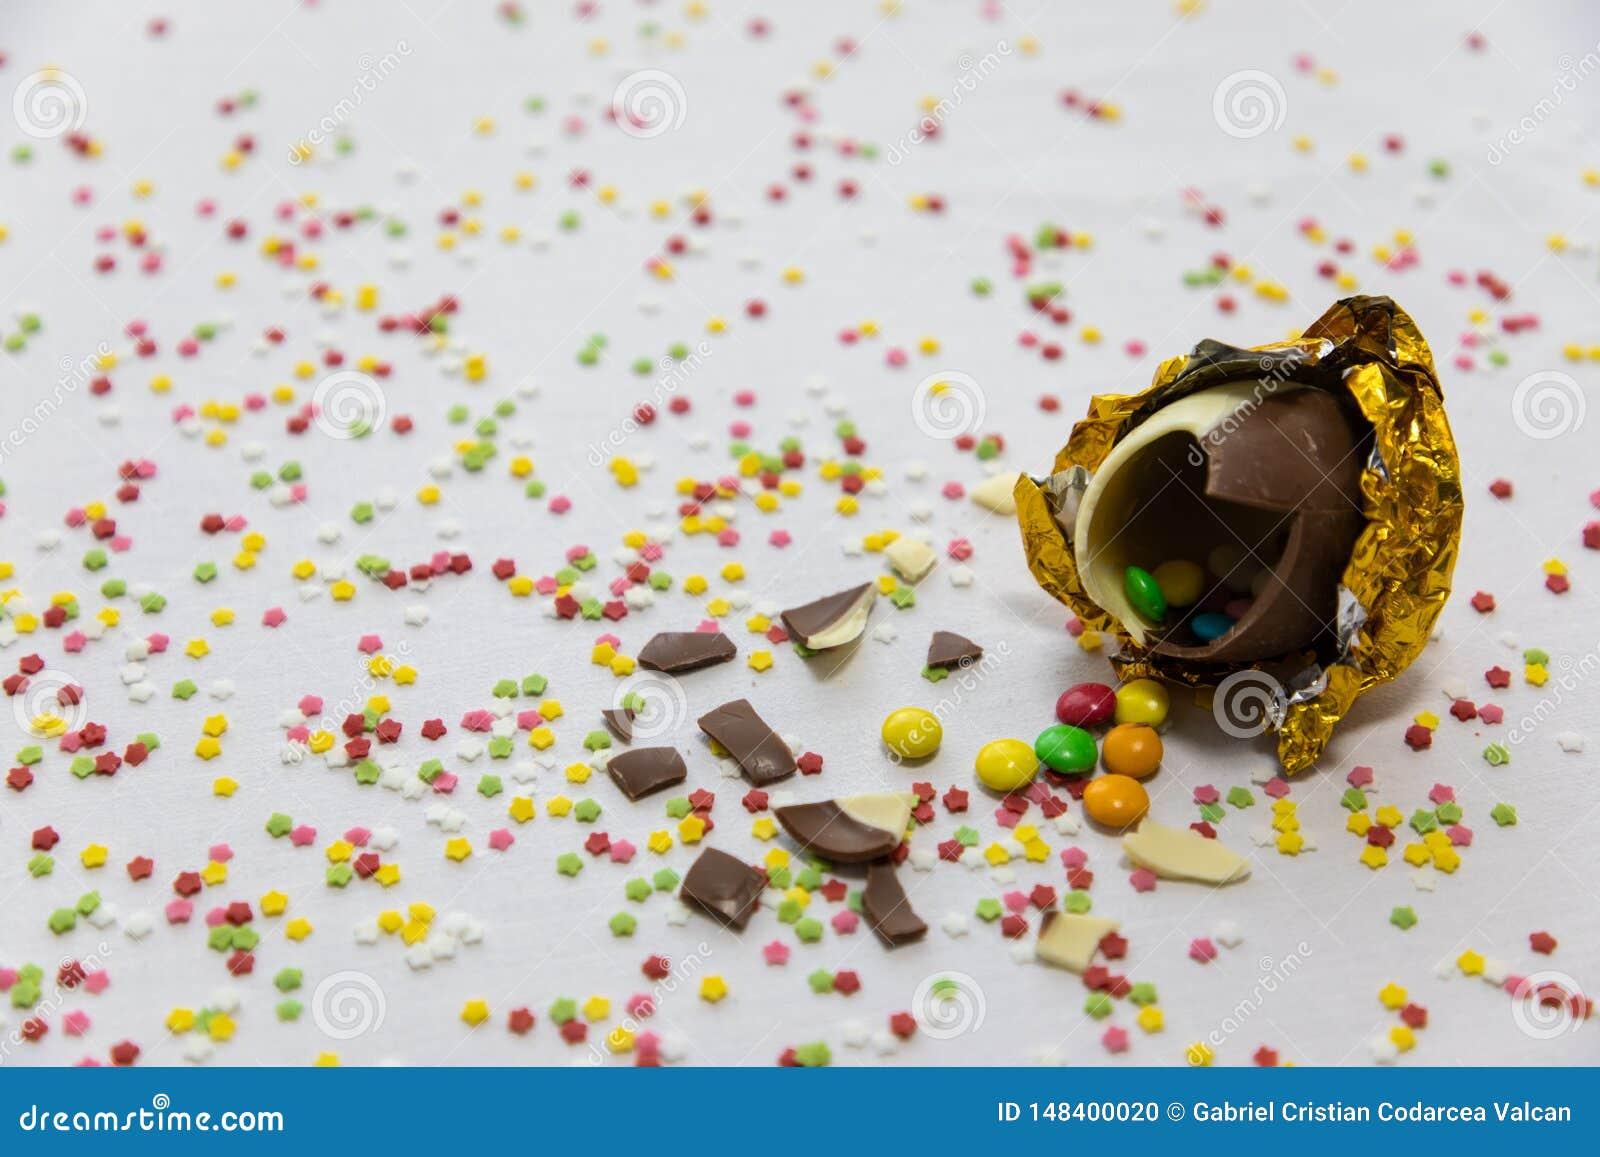 Defekte goldene SchokoladenOstereier mit bunten Schokoladen nach innen auf wei?em Hintergrund mit bunten unscharfen Konfettis